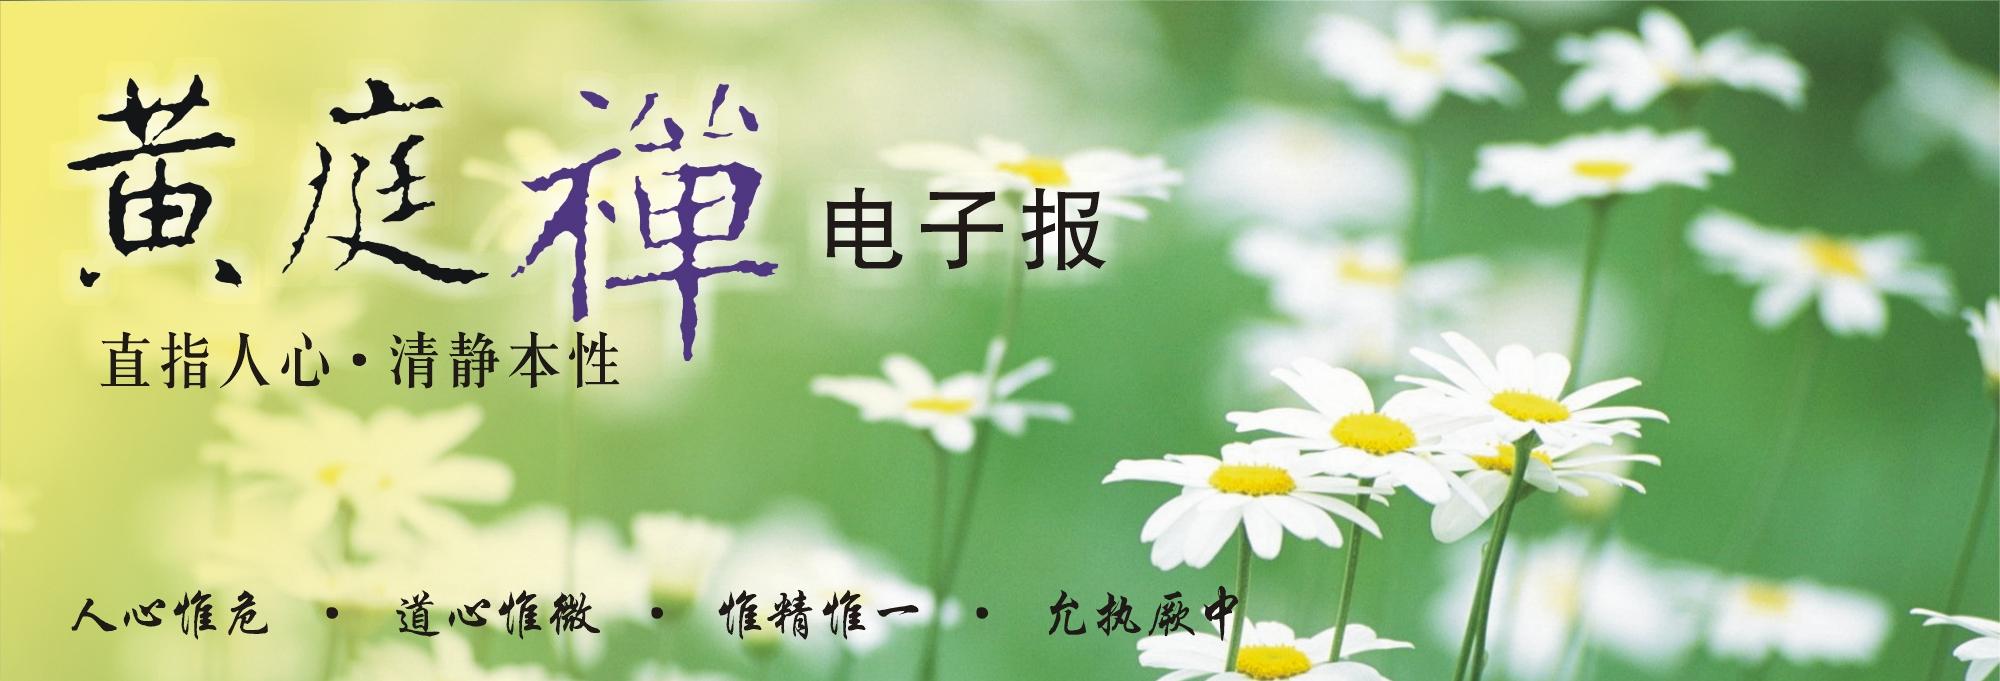 中华黄庭禅学会2014.05.21电子报